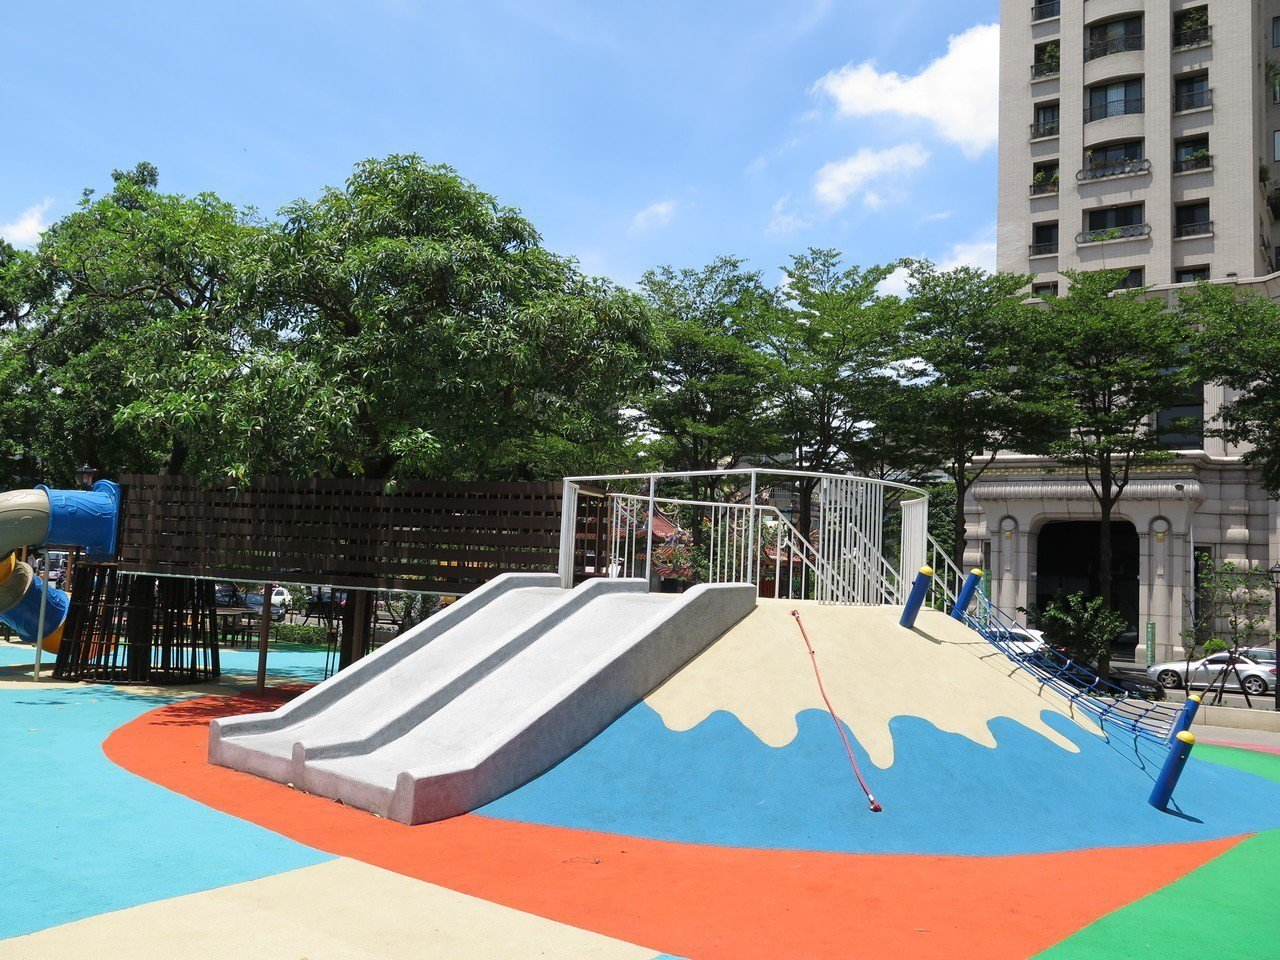 桃園區民族公園歷經多月翻新改建,公園內多了一座富士山造型的遊戲設施,一旁還有乘涼...